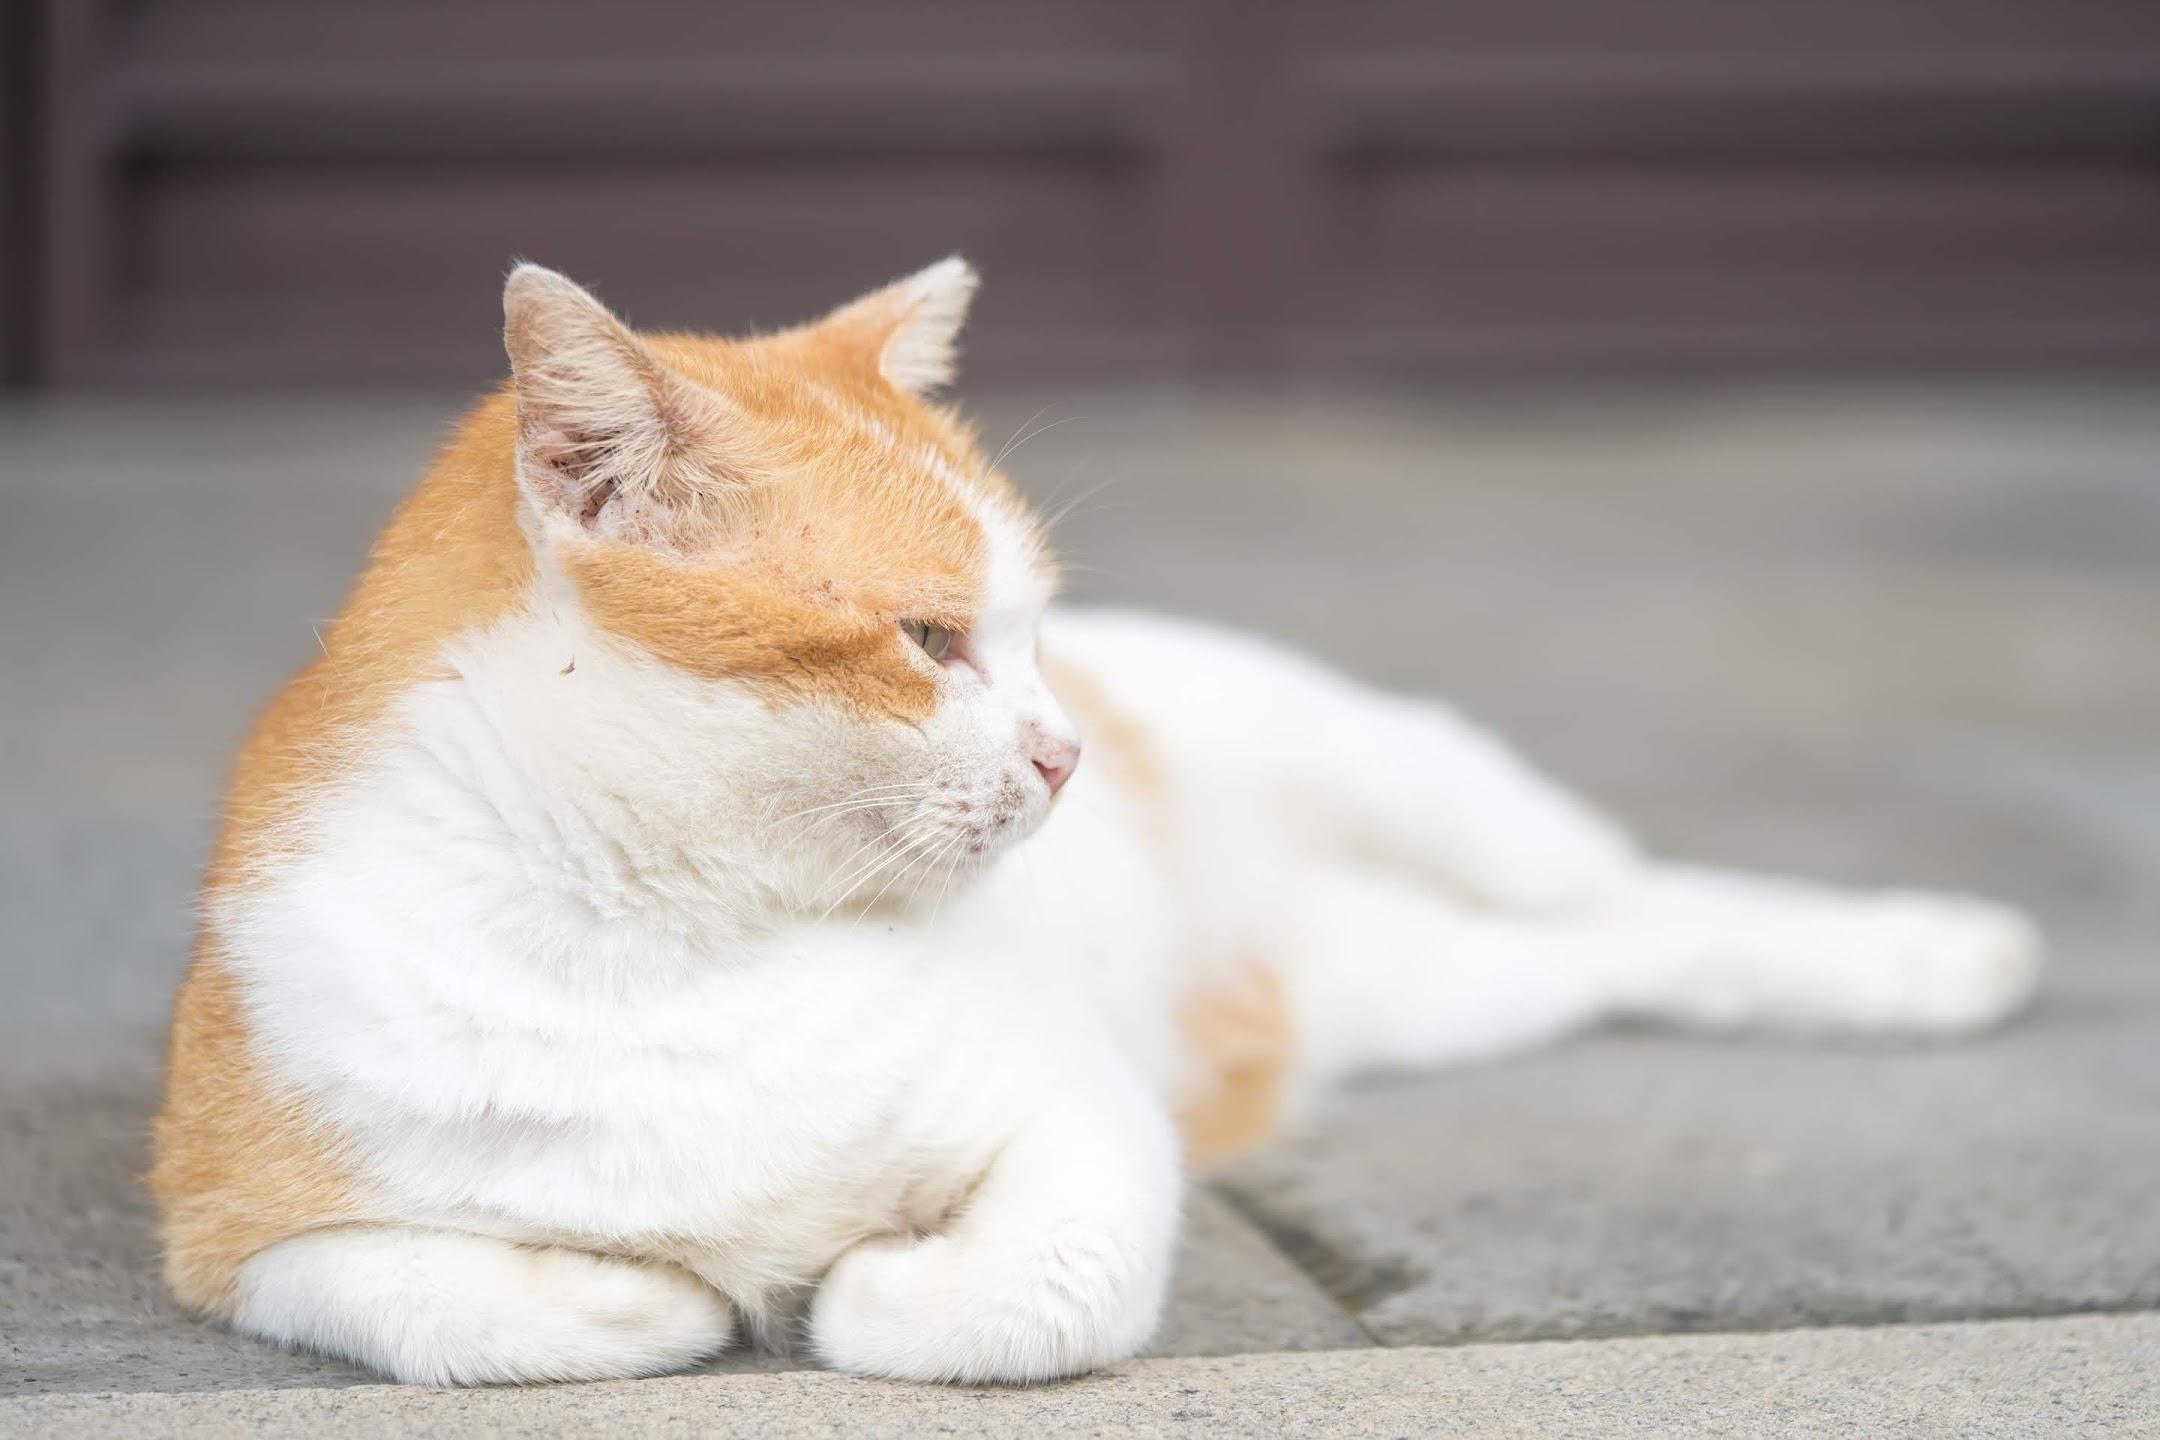 Singapore cat5